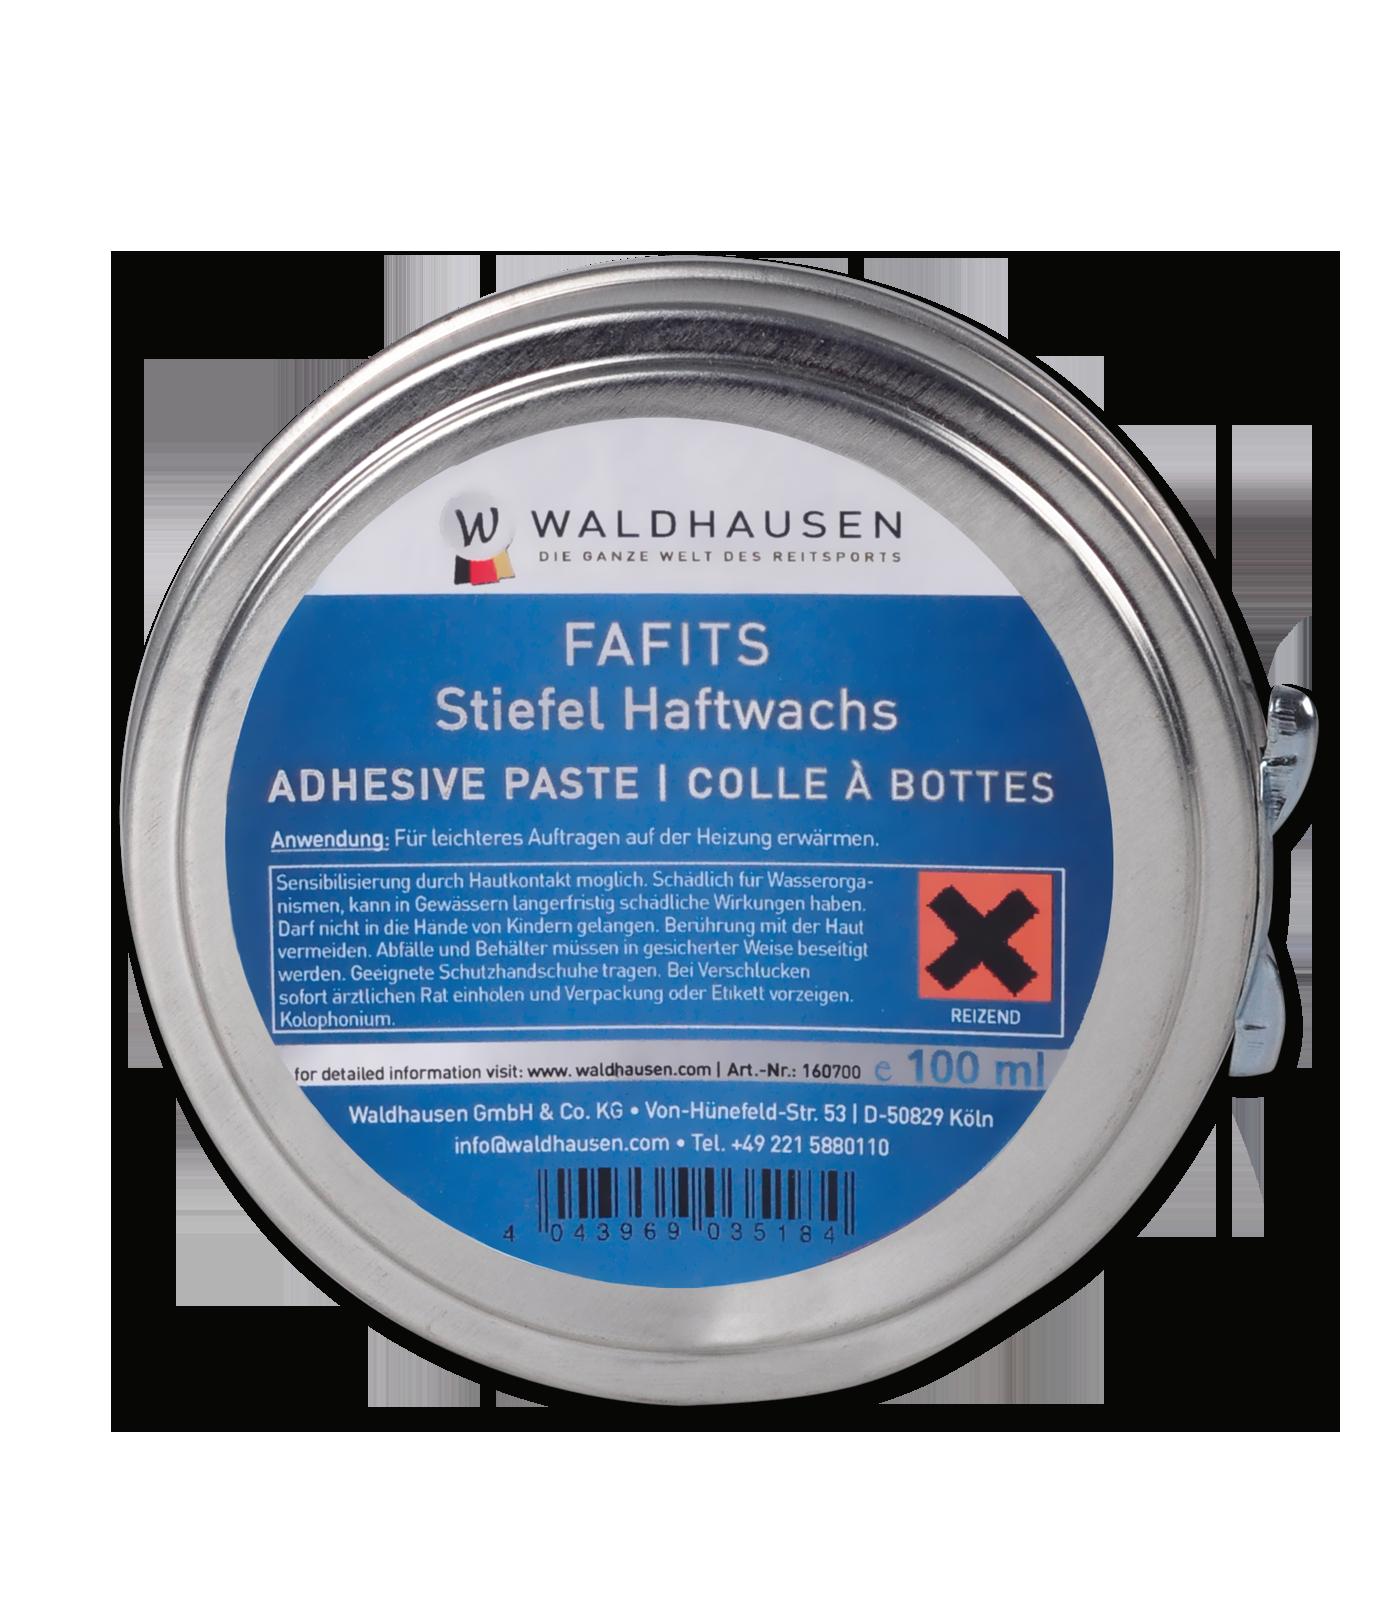 FAFITS Haftwachs, 100 ml